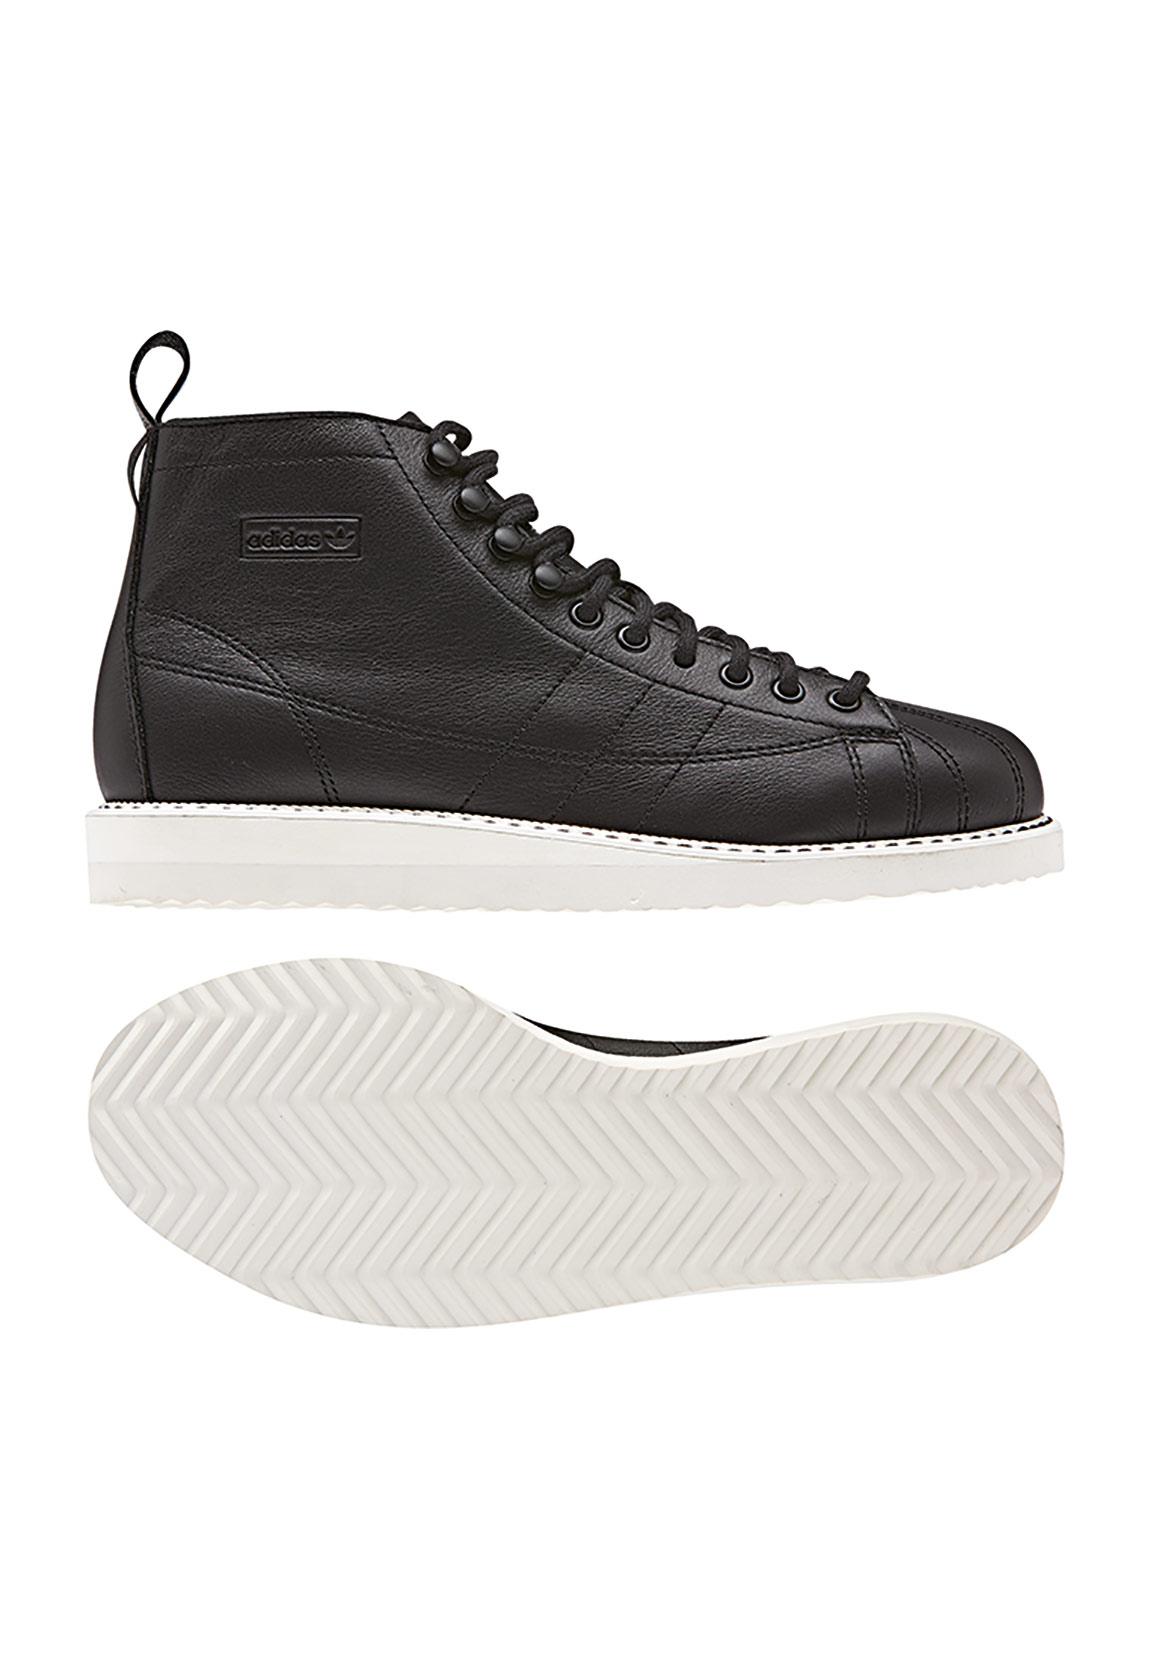 7fda99af633d3d reduced adidas originals boots superstar boot w aq1213 schwarz 7b072 cc9f4